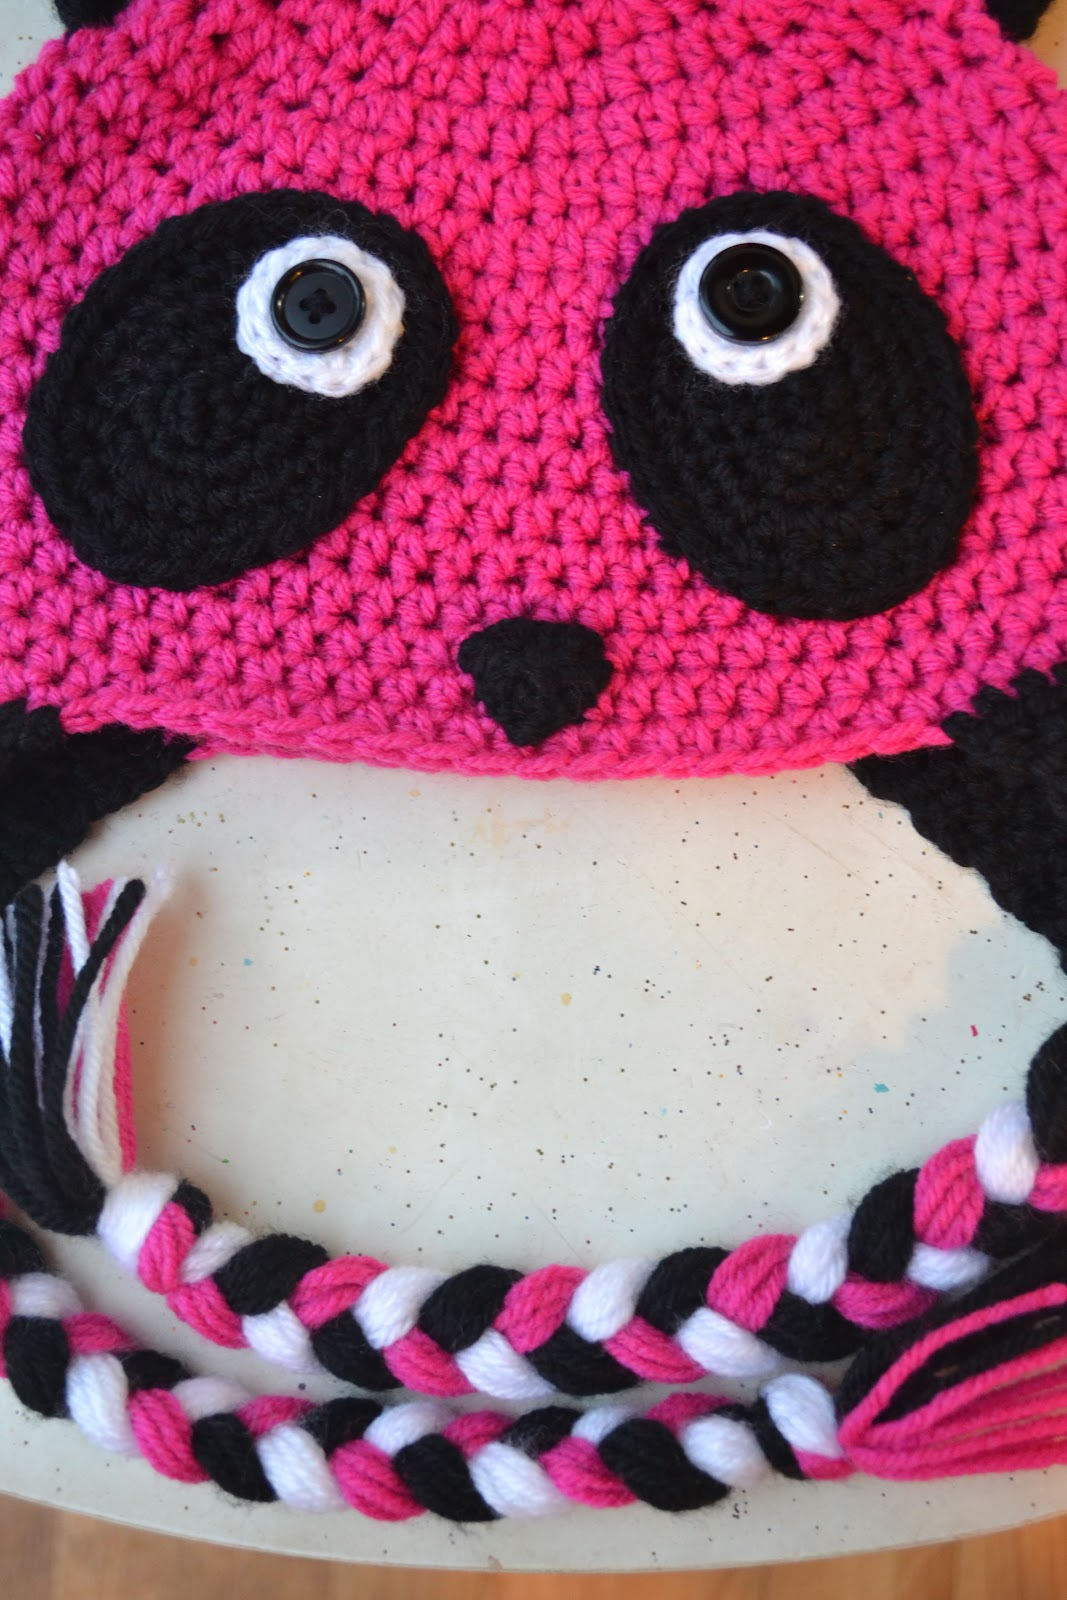 Crochet Pattern Panda Hat : Crochet in Color: The Pink Panda